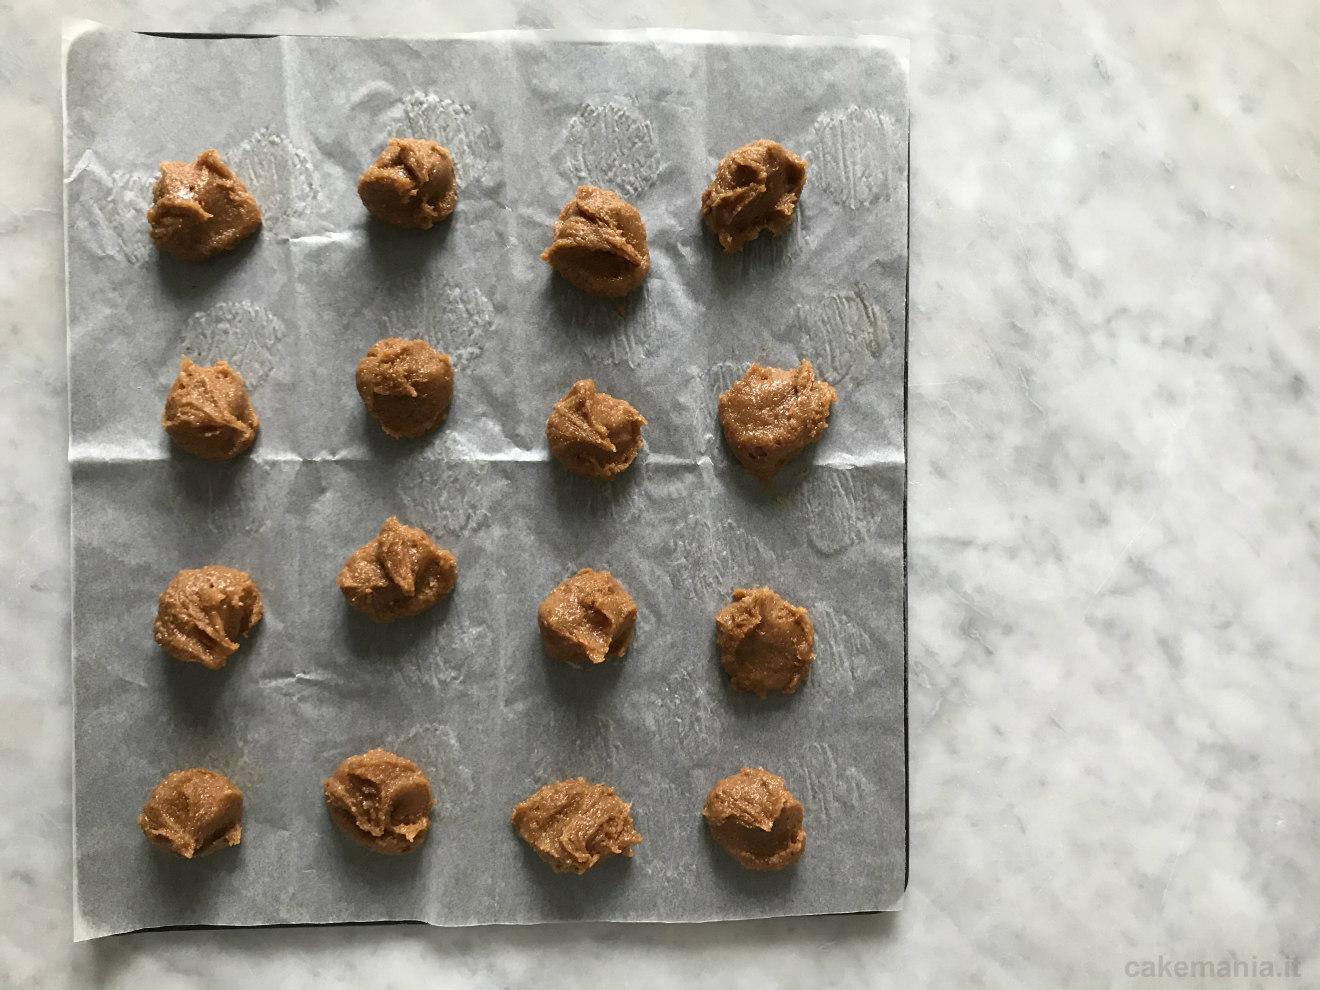 impasto biscotti burro di arachidi